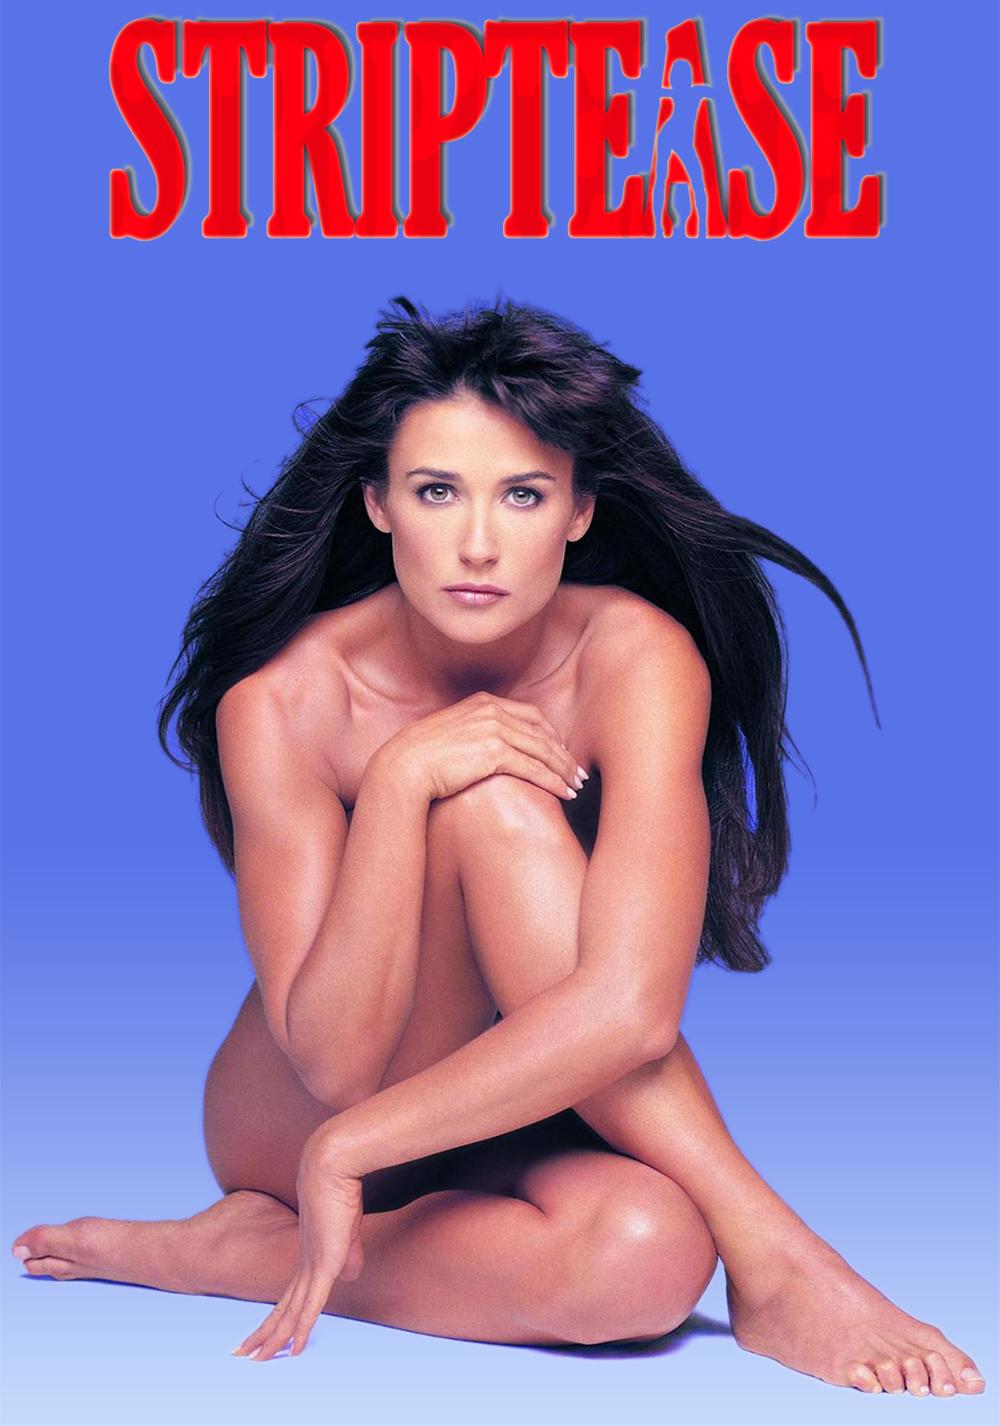 Striptease | Movie fanart | fanart.tv